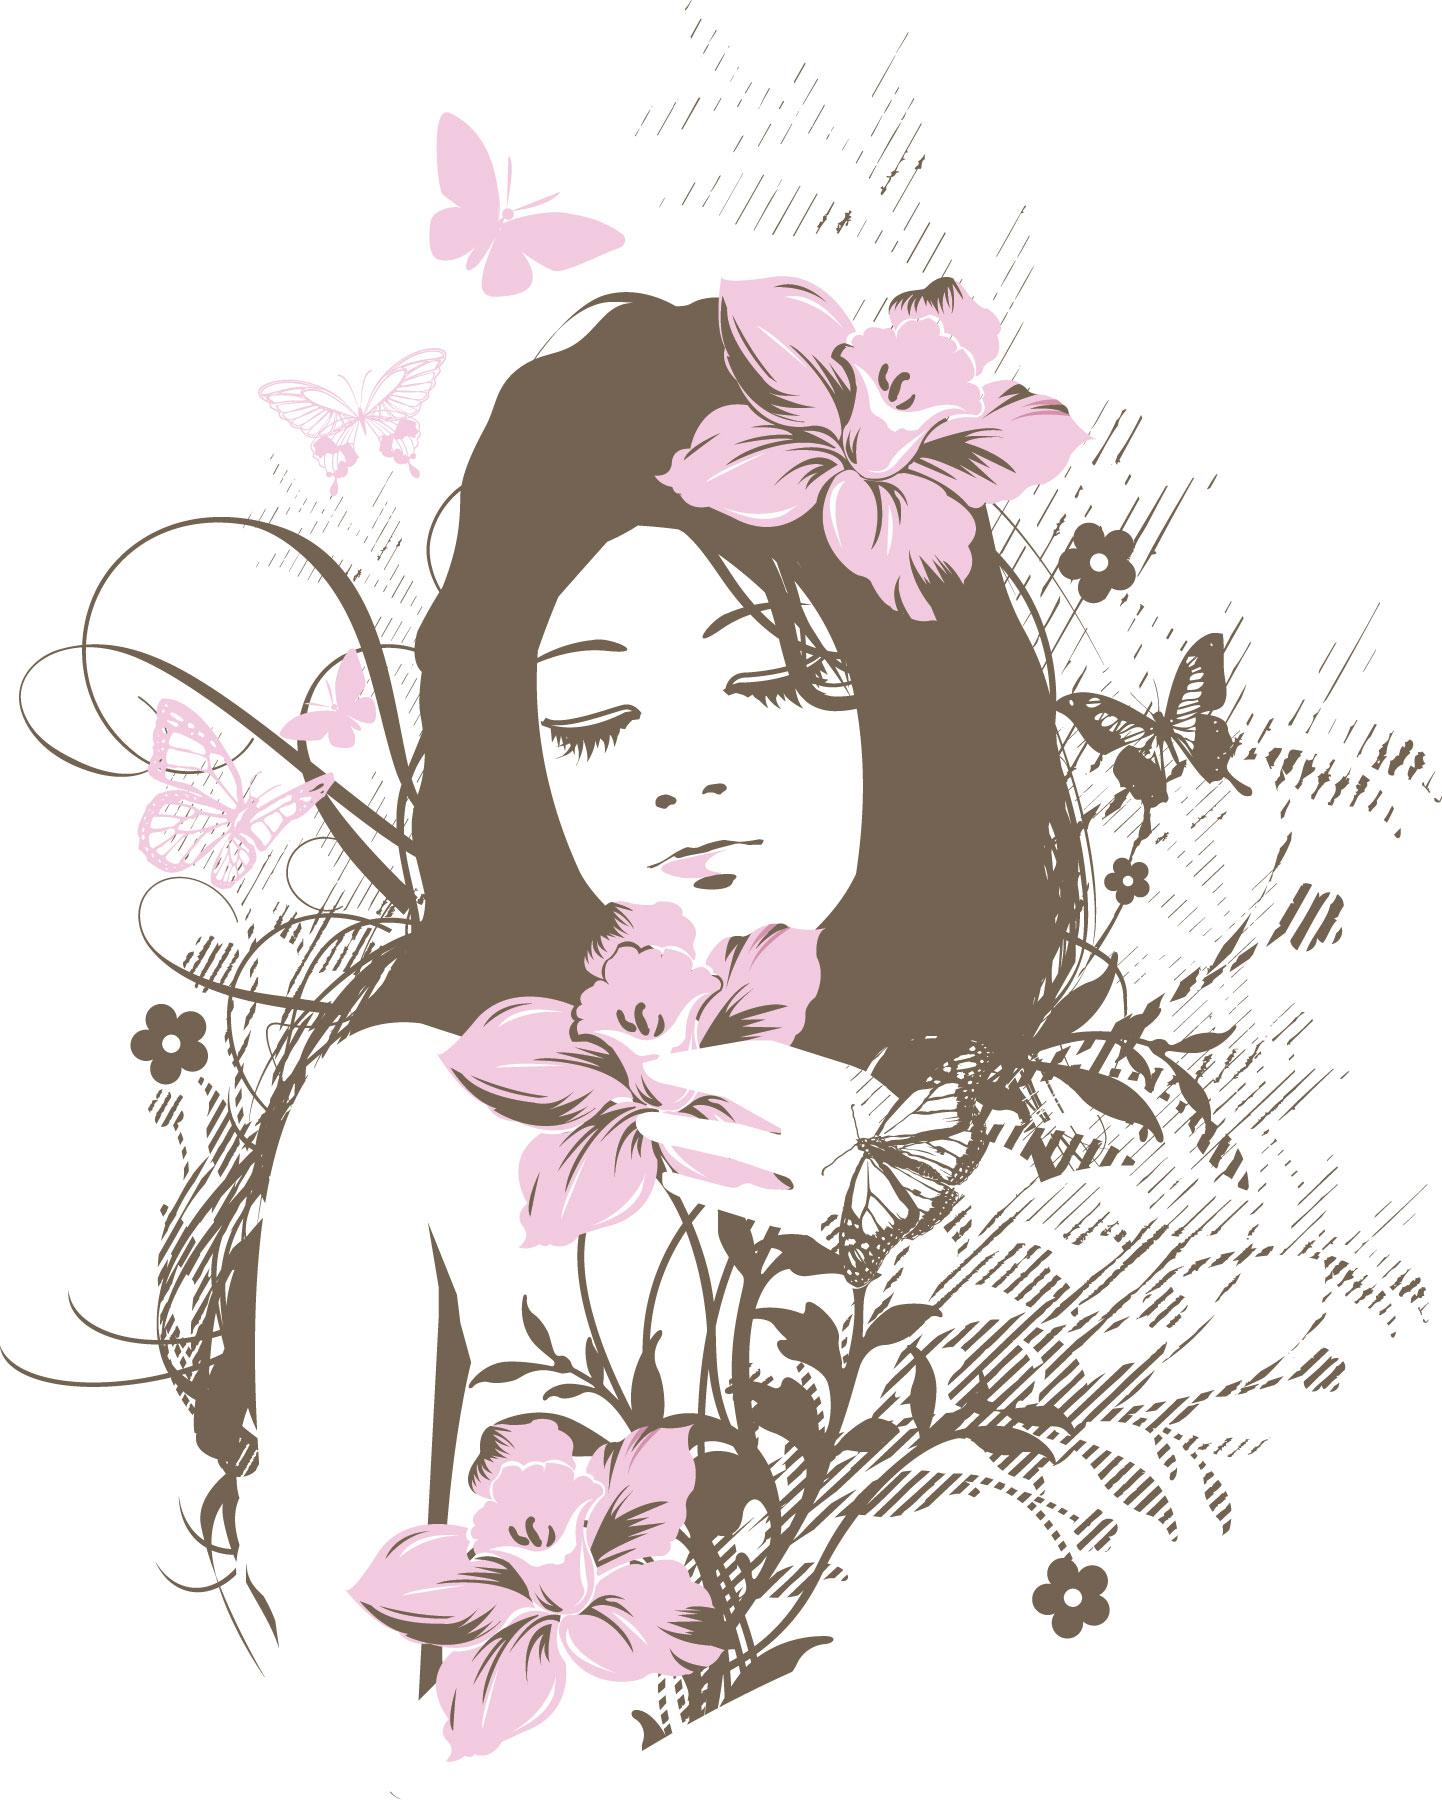 紫色の花のイラストフリー素材no234ピンクの花と女性